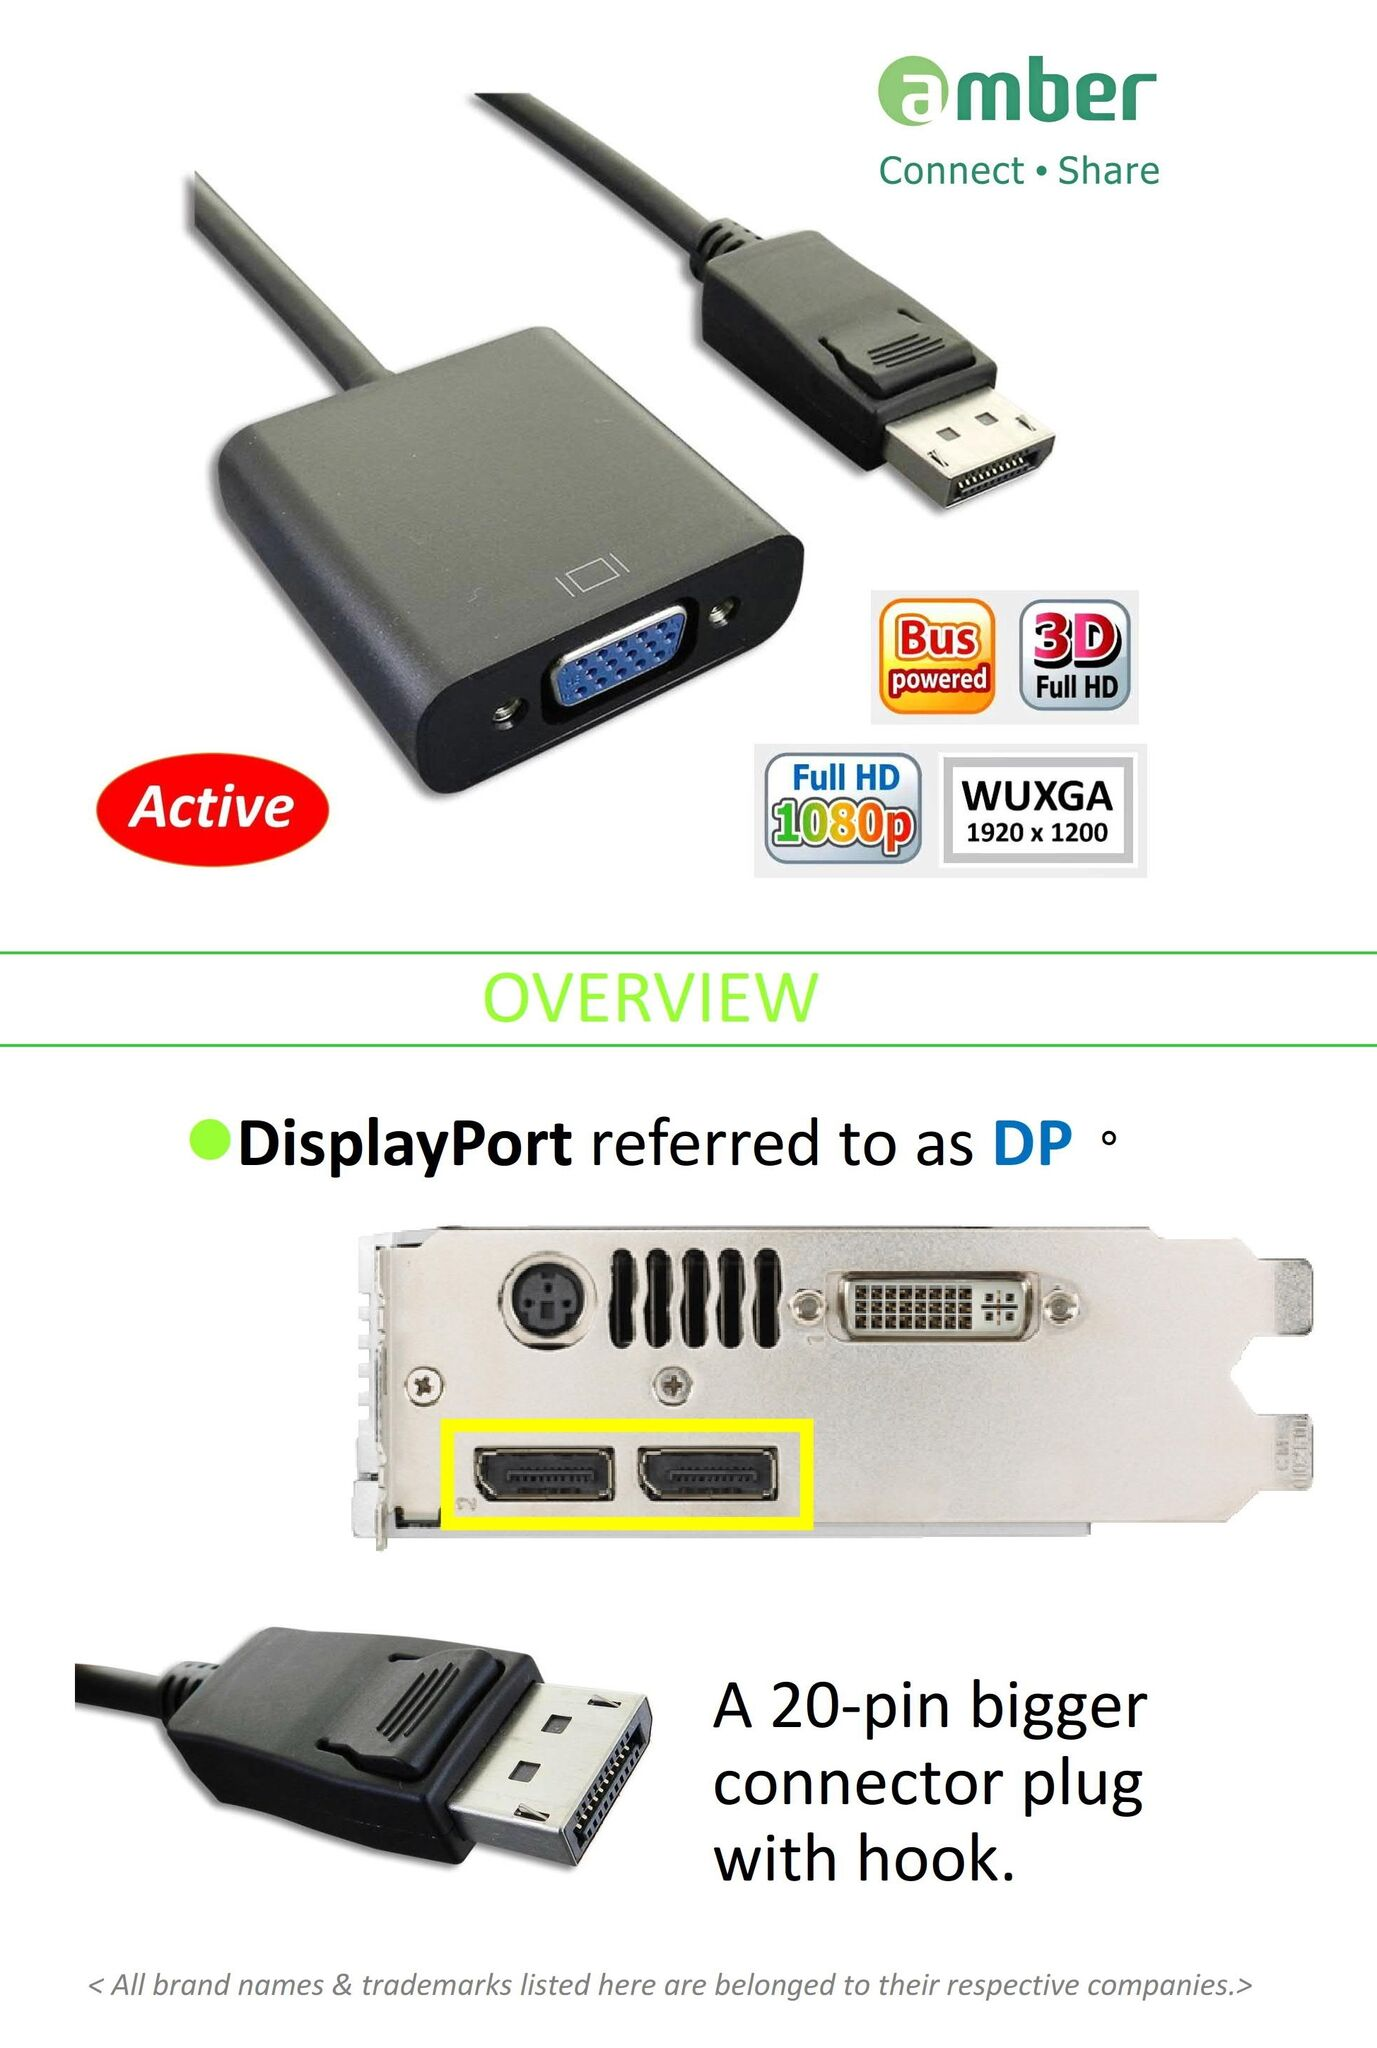 dpv02s-2.jpeg